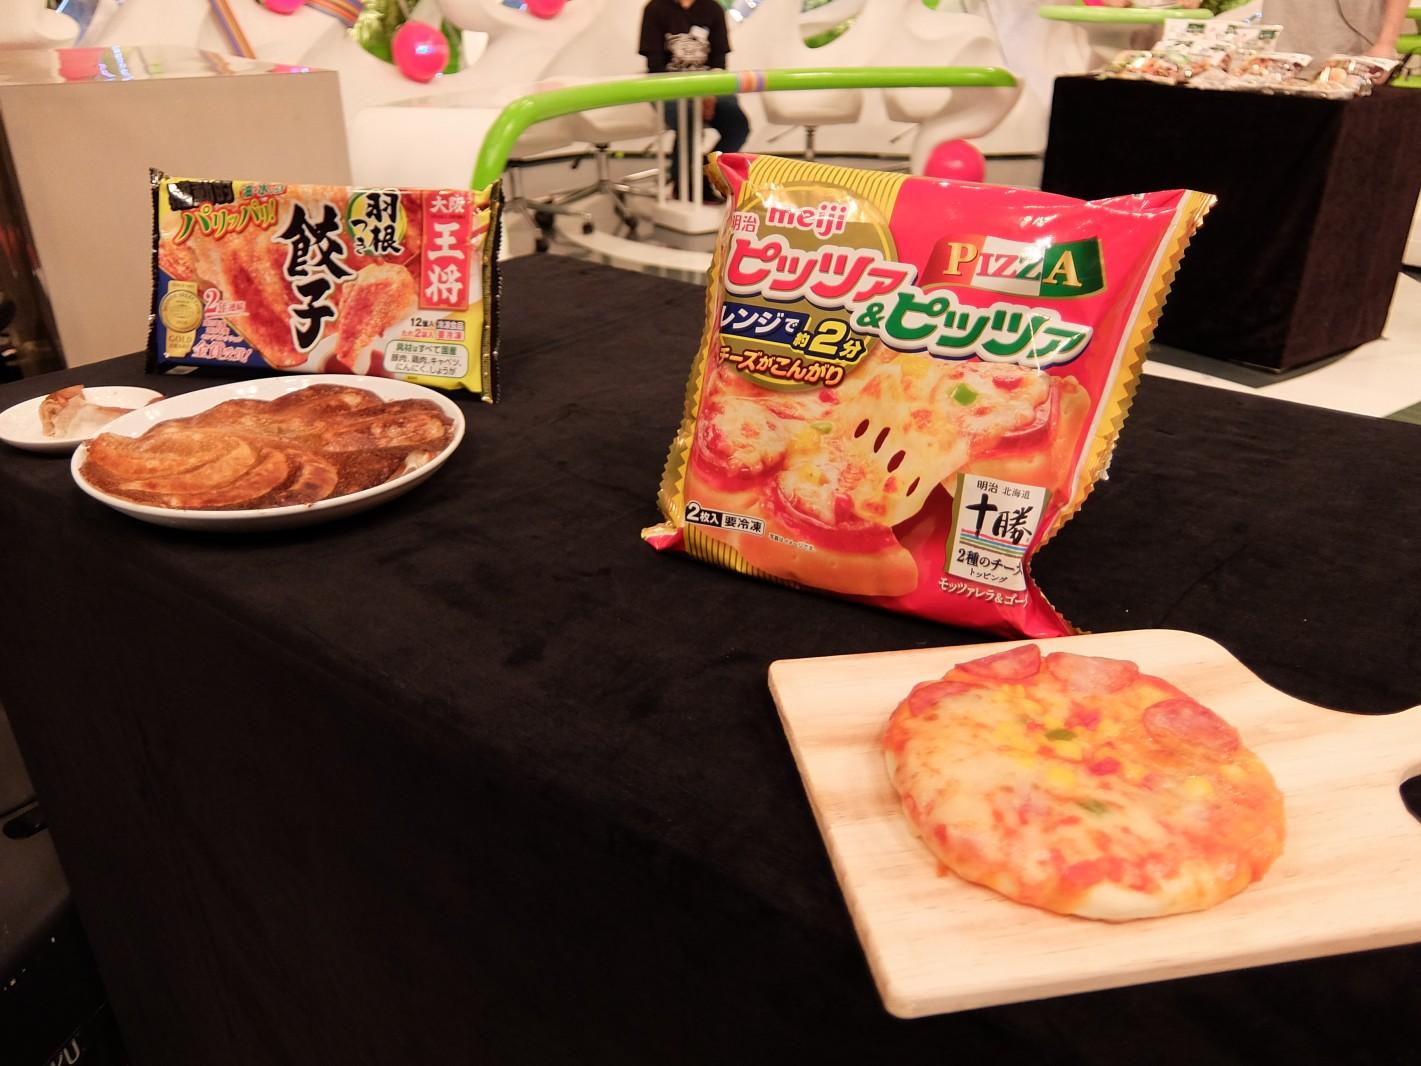 「ノンストップ!」おさらい~ 昨年2割以上伸びた大阪餃子羽根つき餃子、レンジなのに焦げ目・明治2枚ピザ、機能性!?ニッスイEPAシリーズ